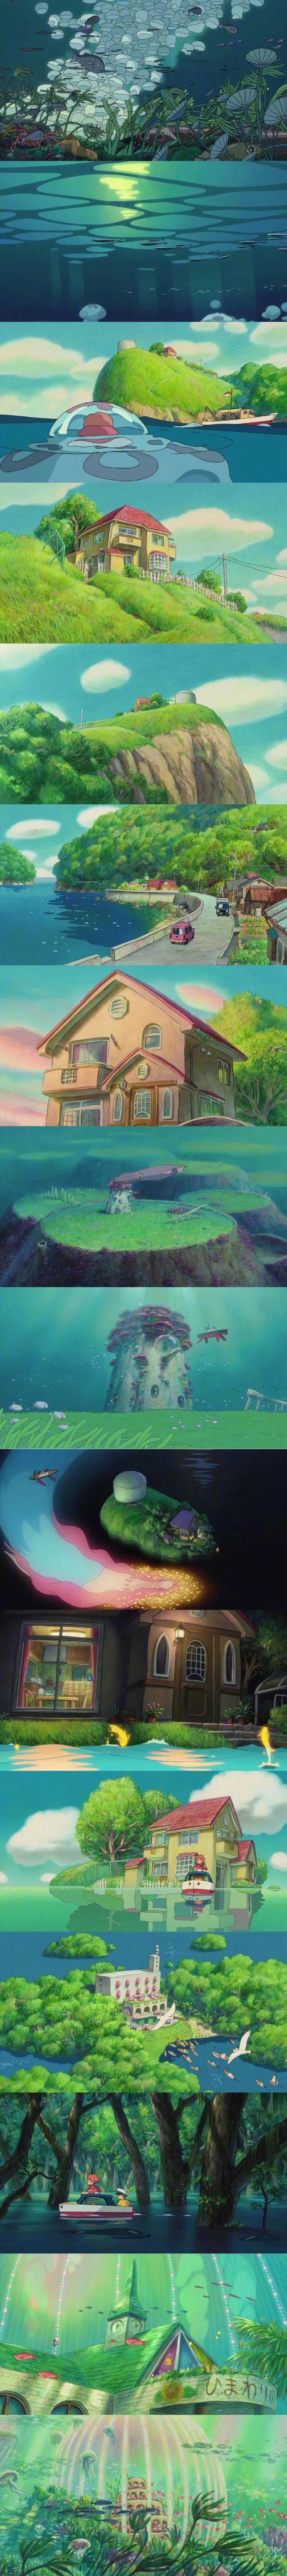 那些年宫崎骏带给我们的美好!动画壁纸特辑_图片 No.9